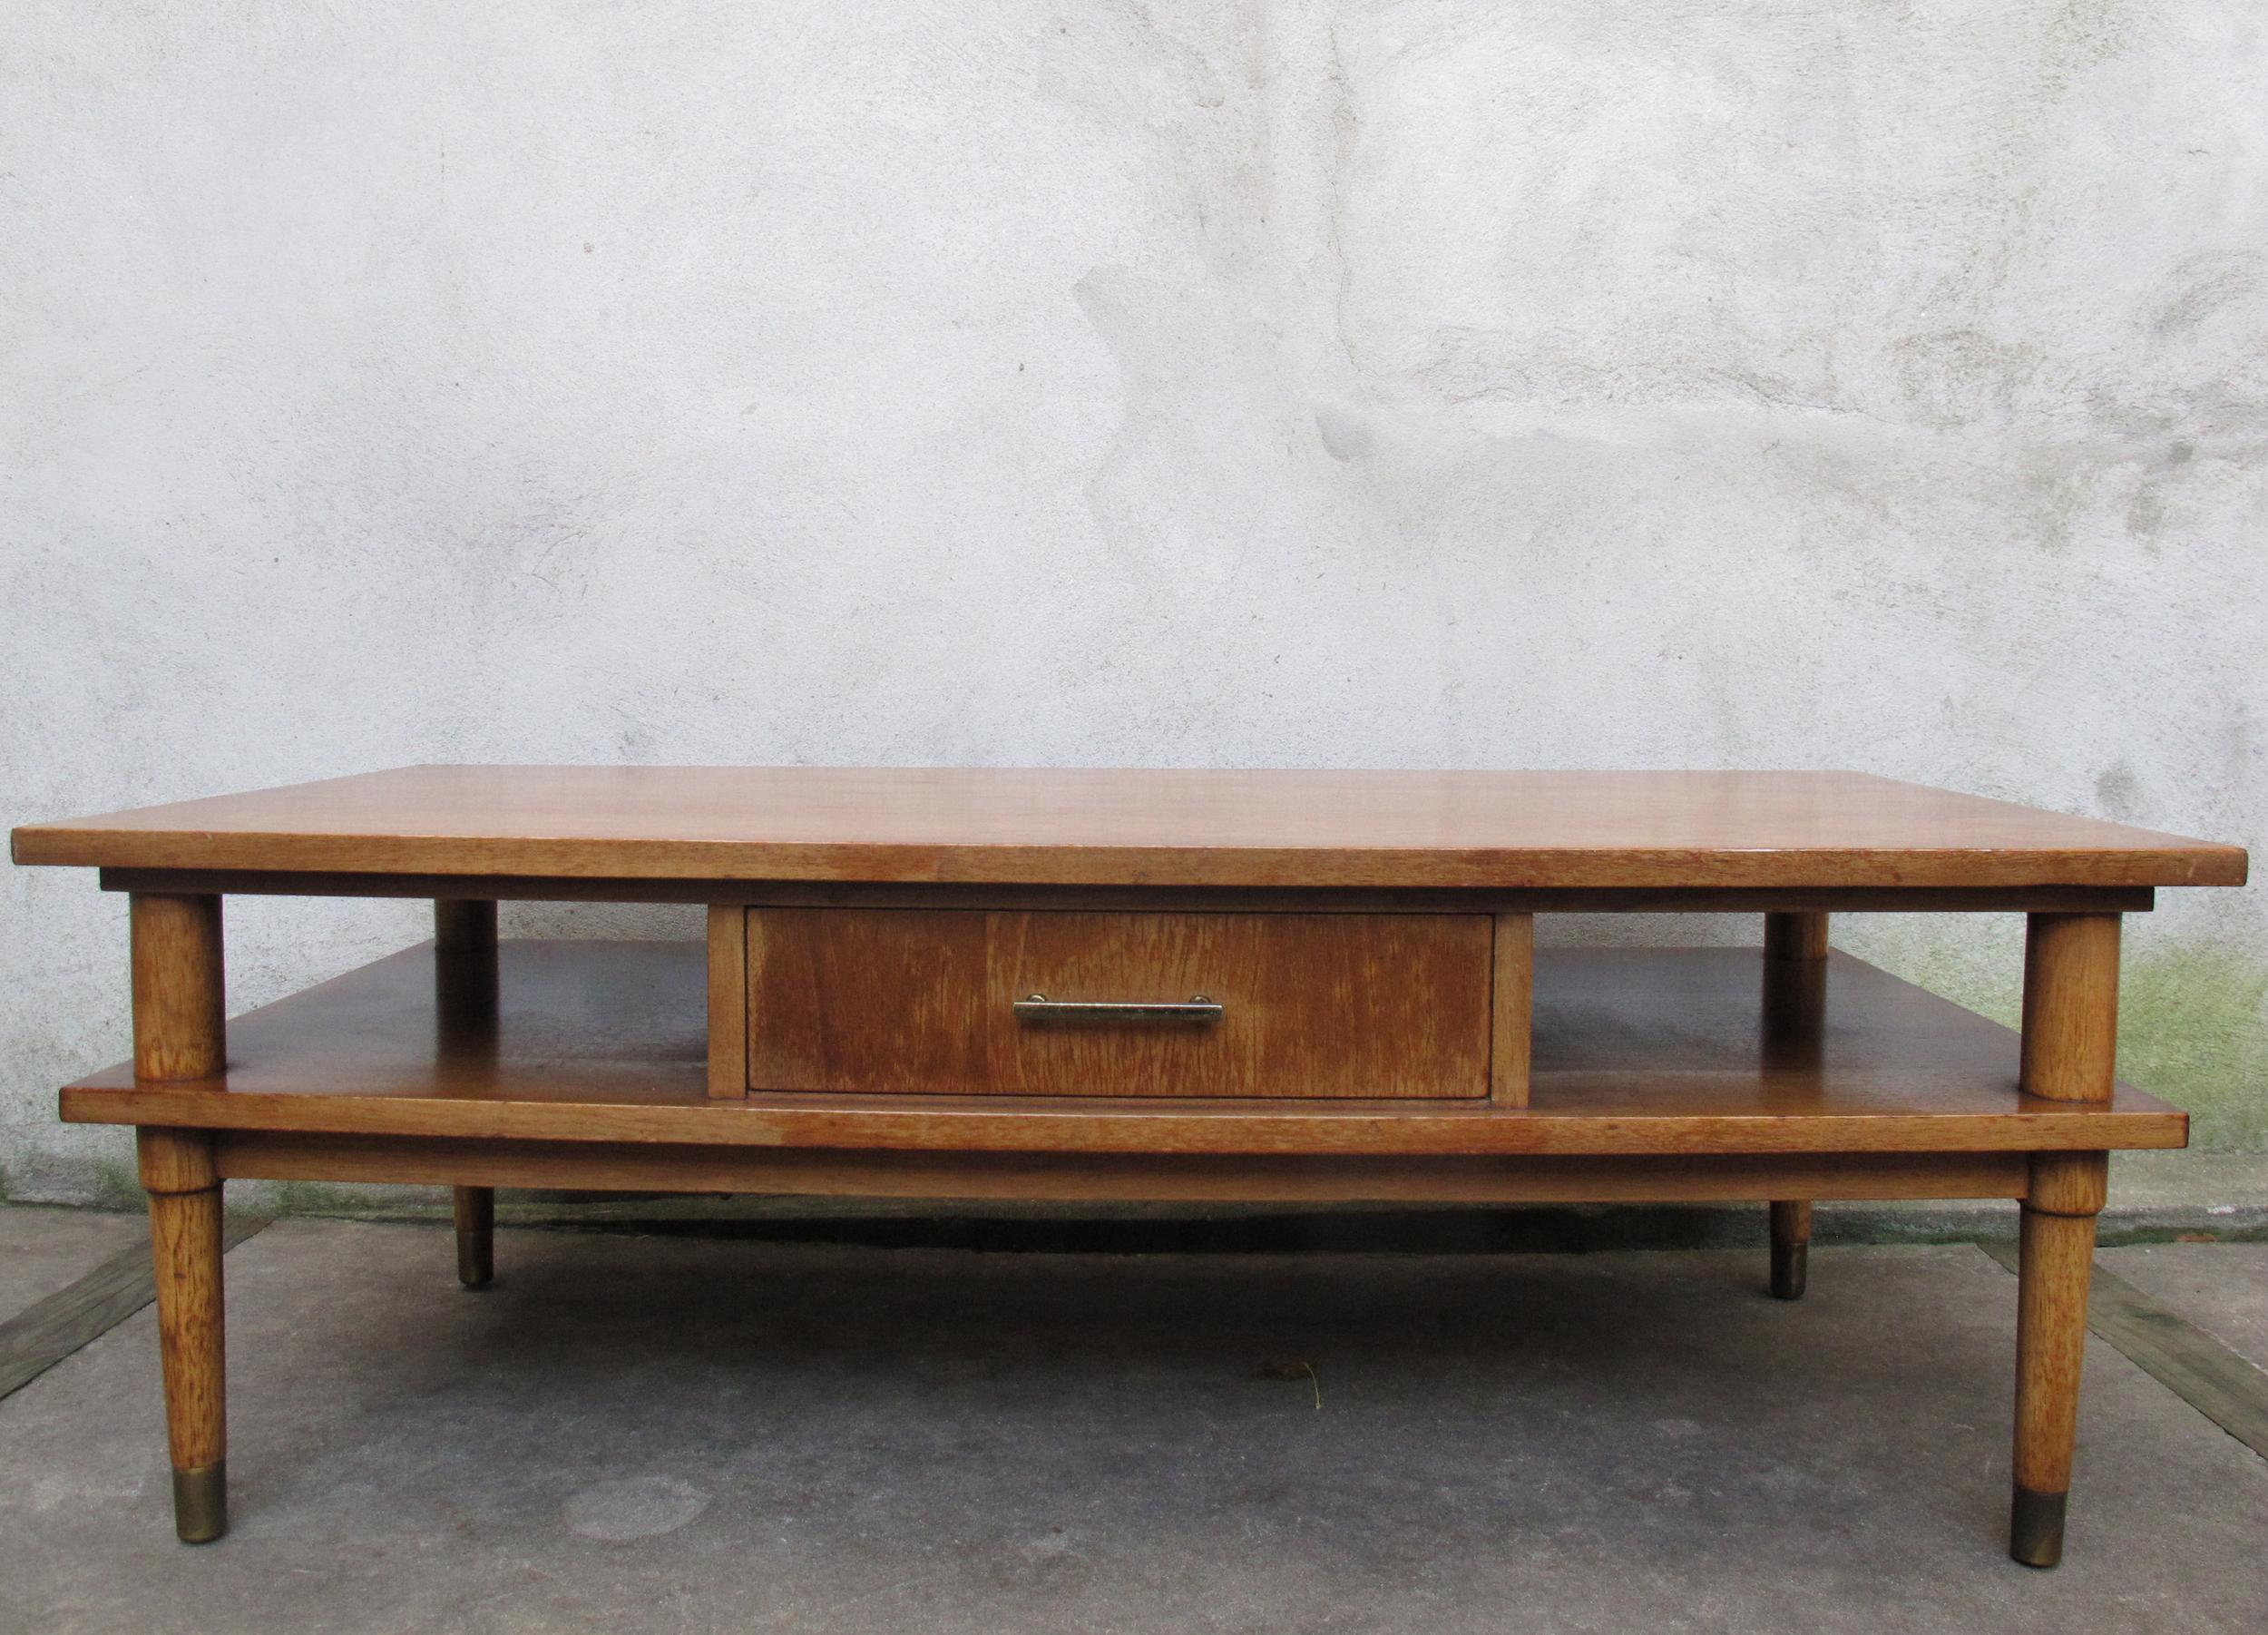 MID CENTURY OAK COFFEE TABLE BY DREXEL